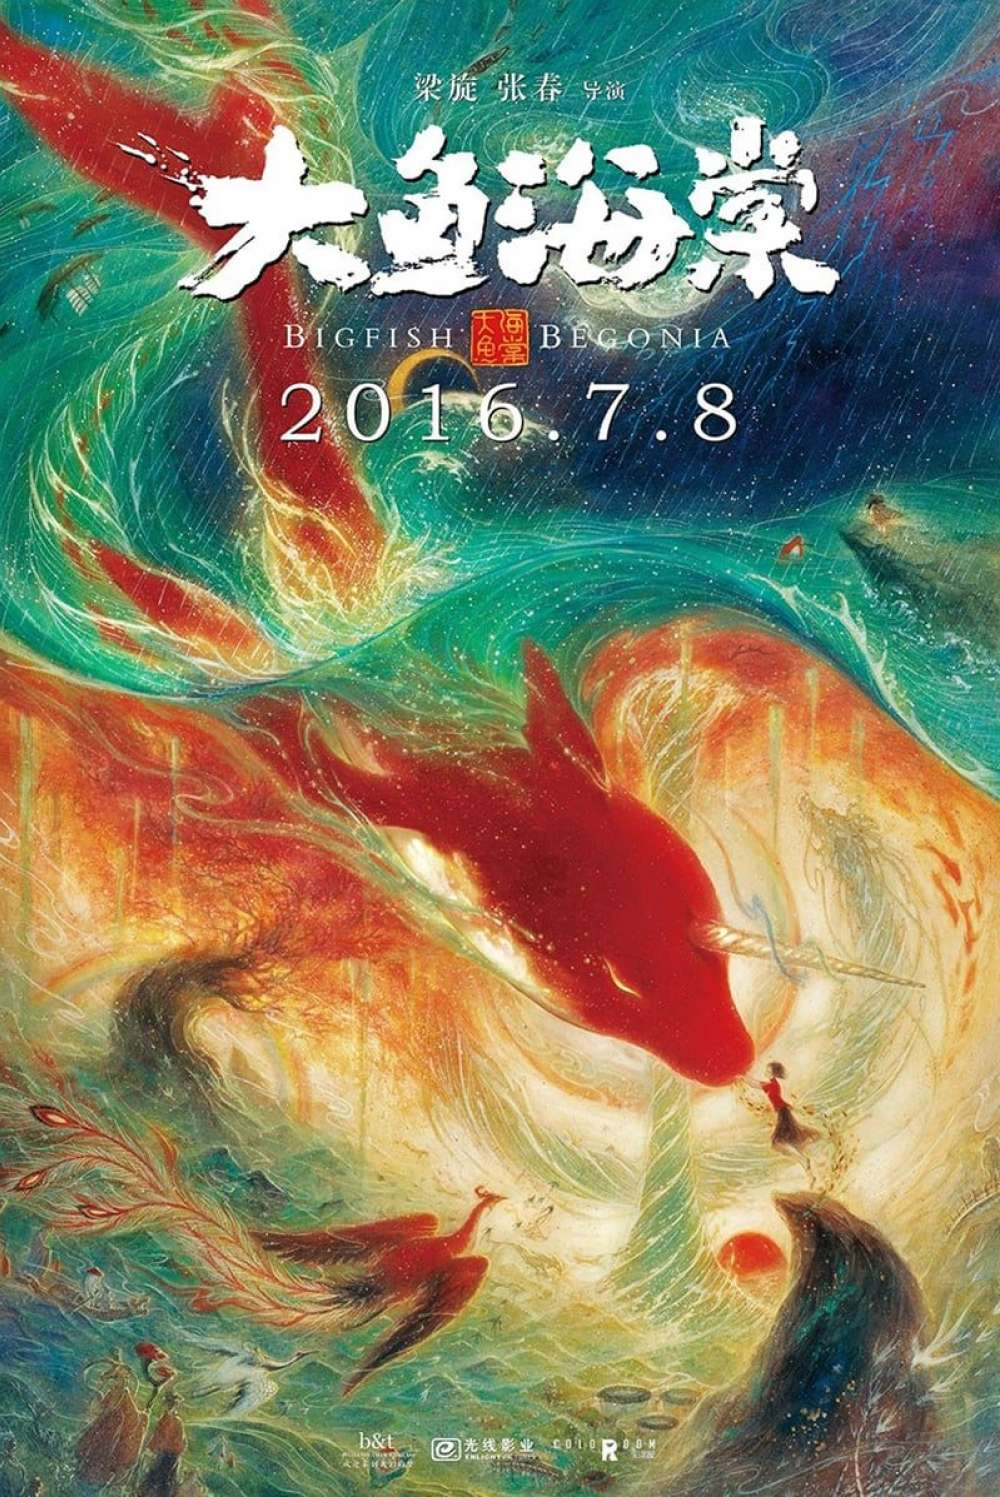 Big Fish and Begonia Poster by Huang Hai